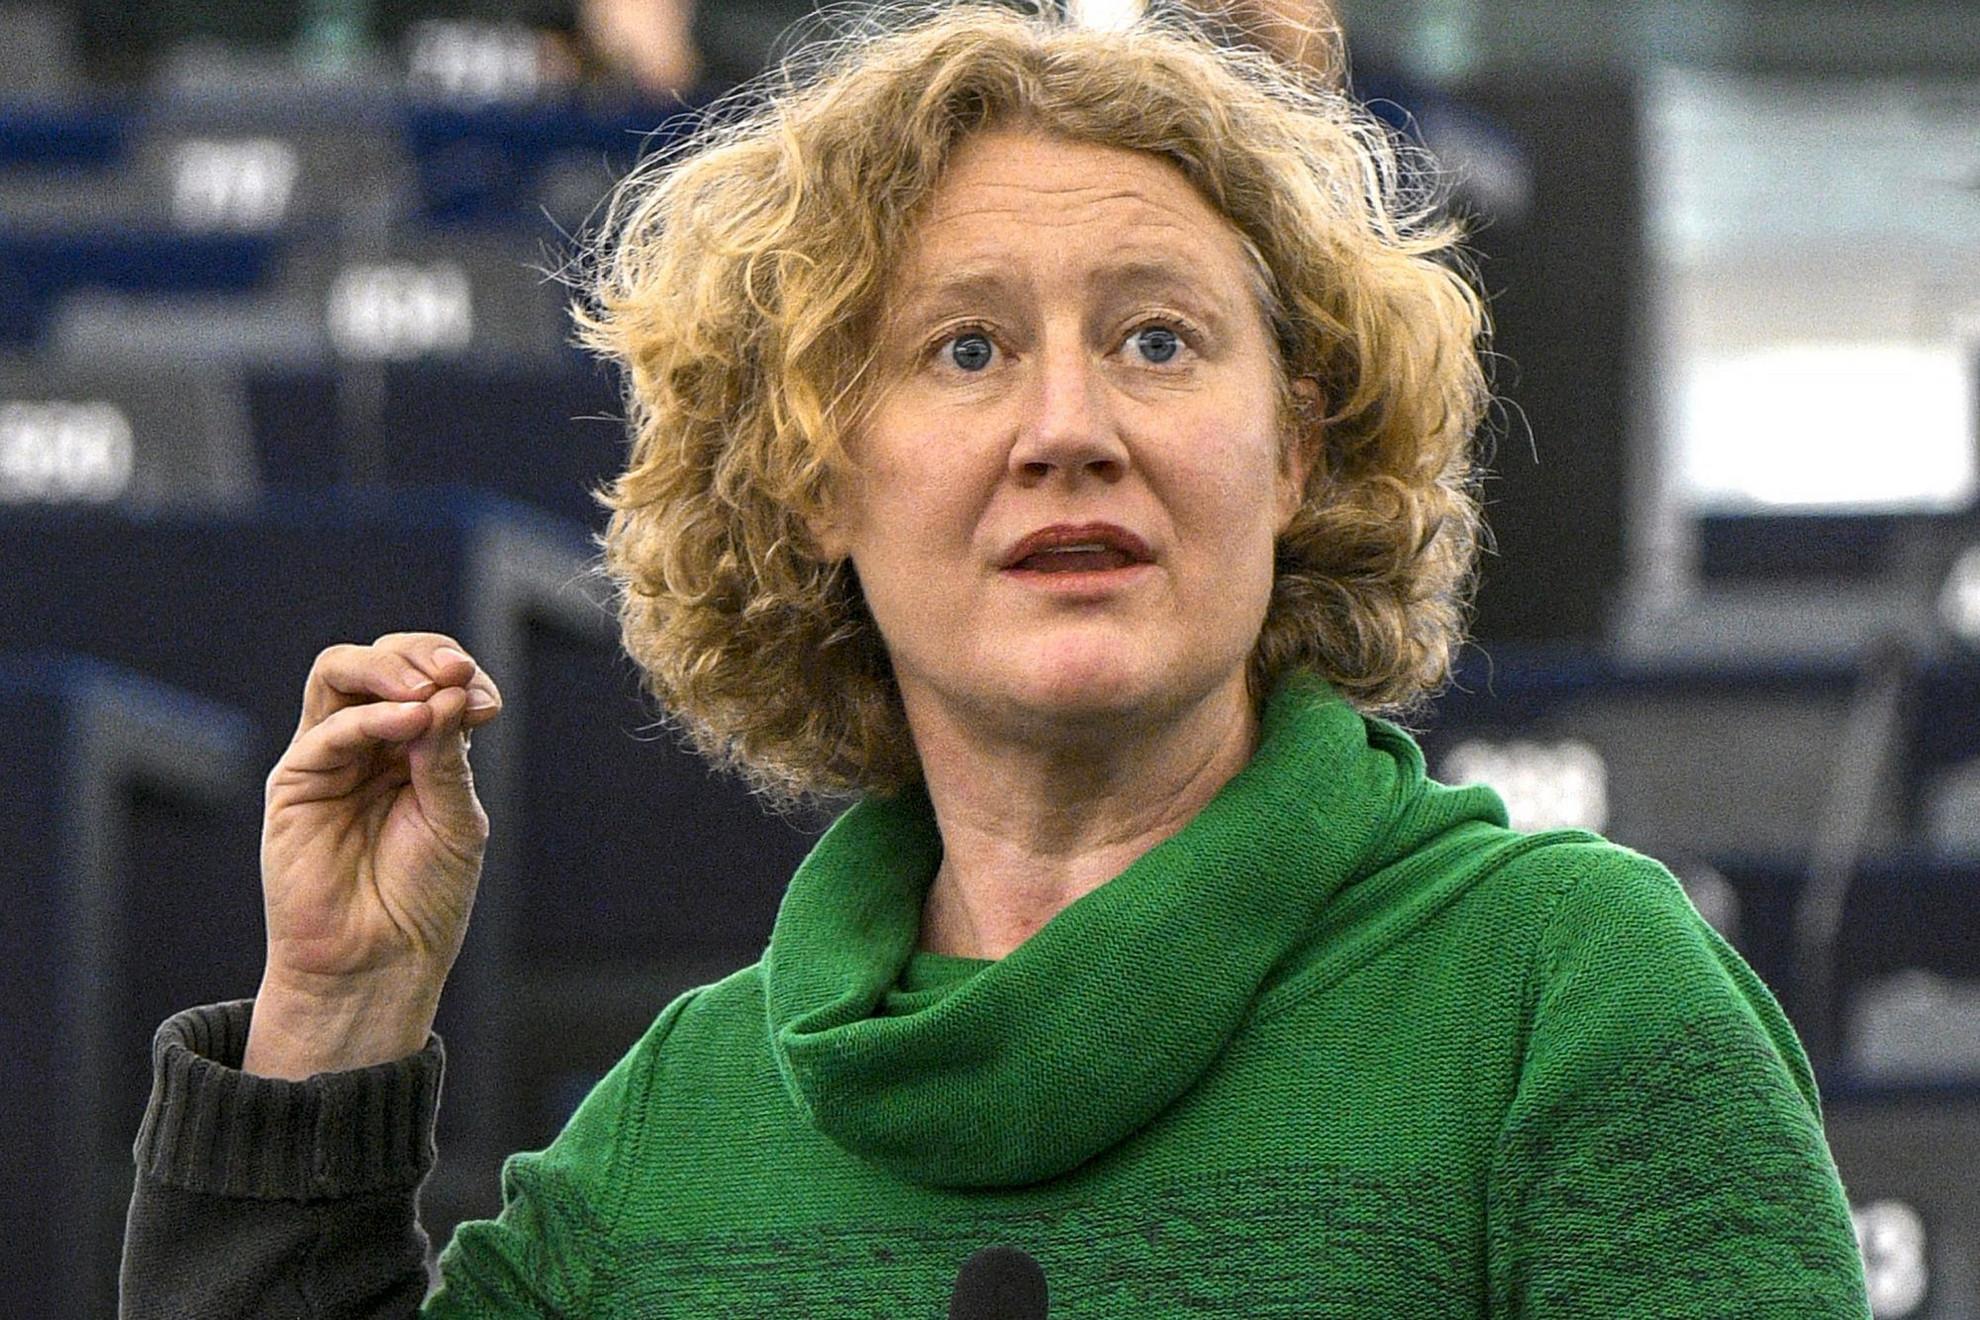 Judith Sargentini nagyon büszke a Magyarországot elítélő jelentésére